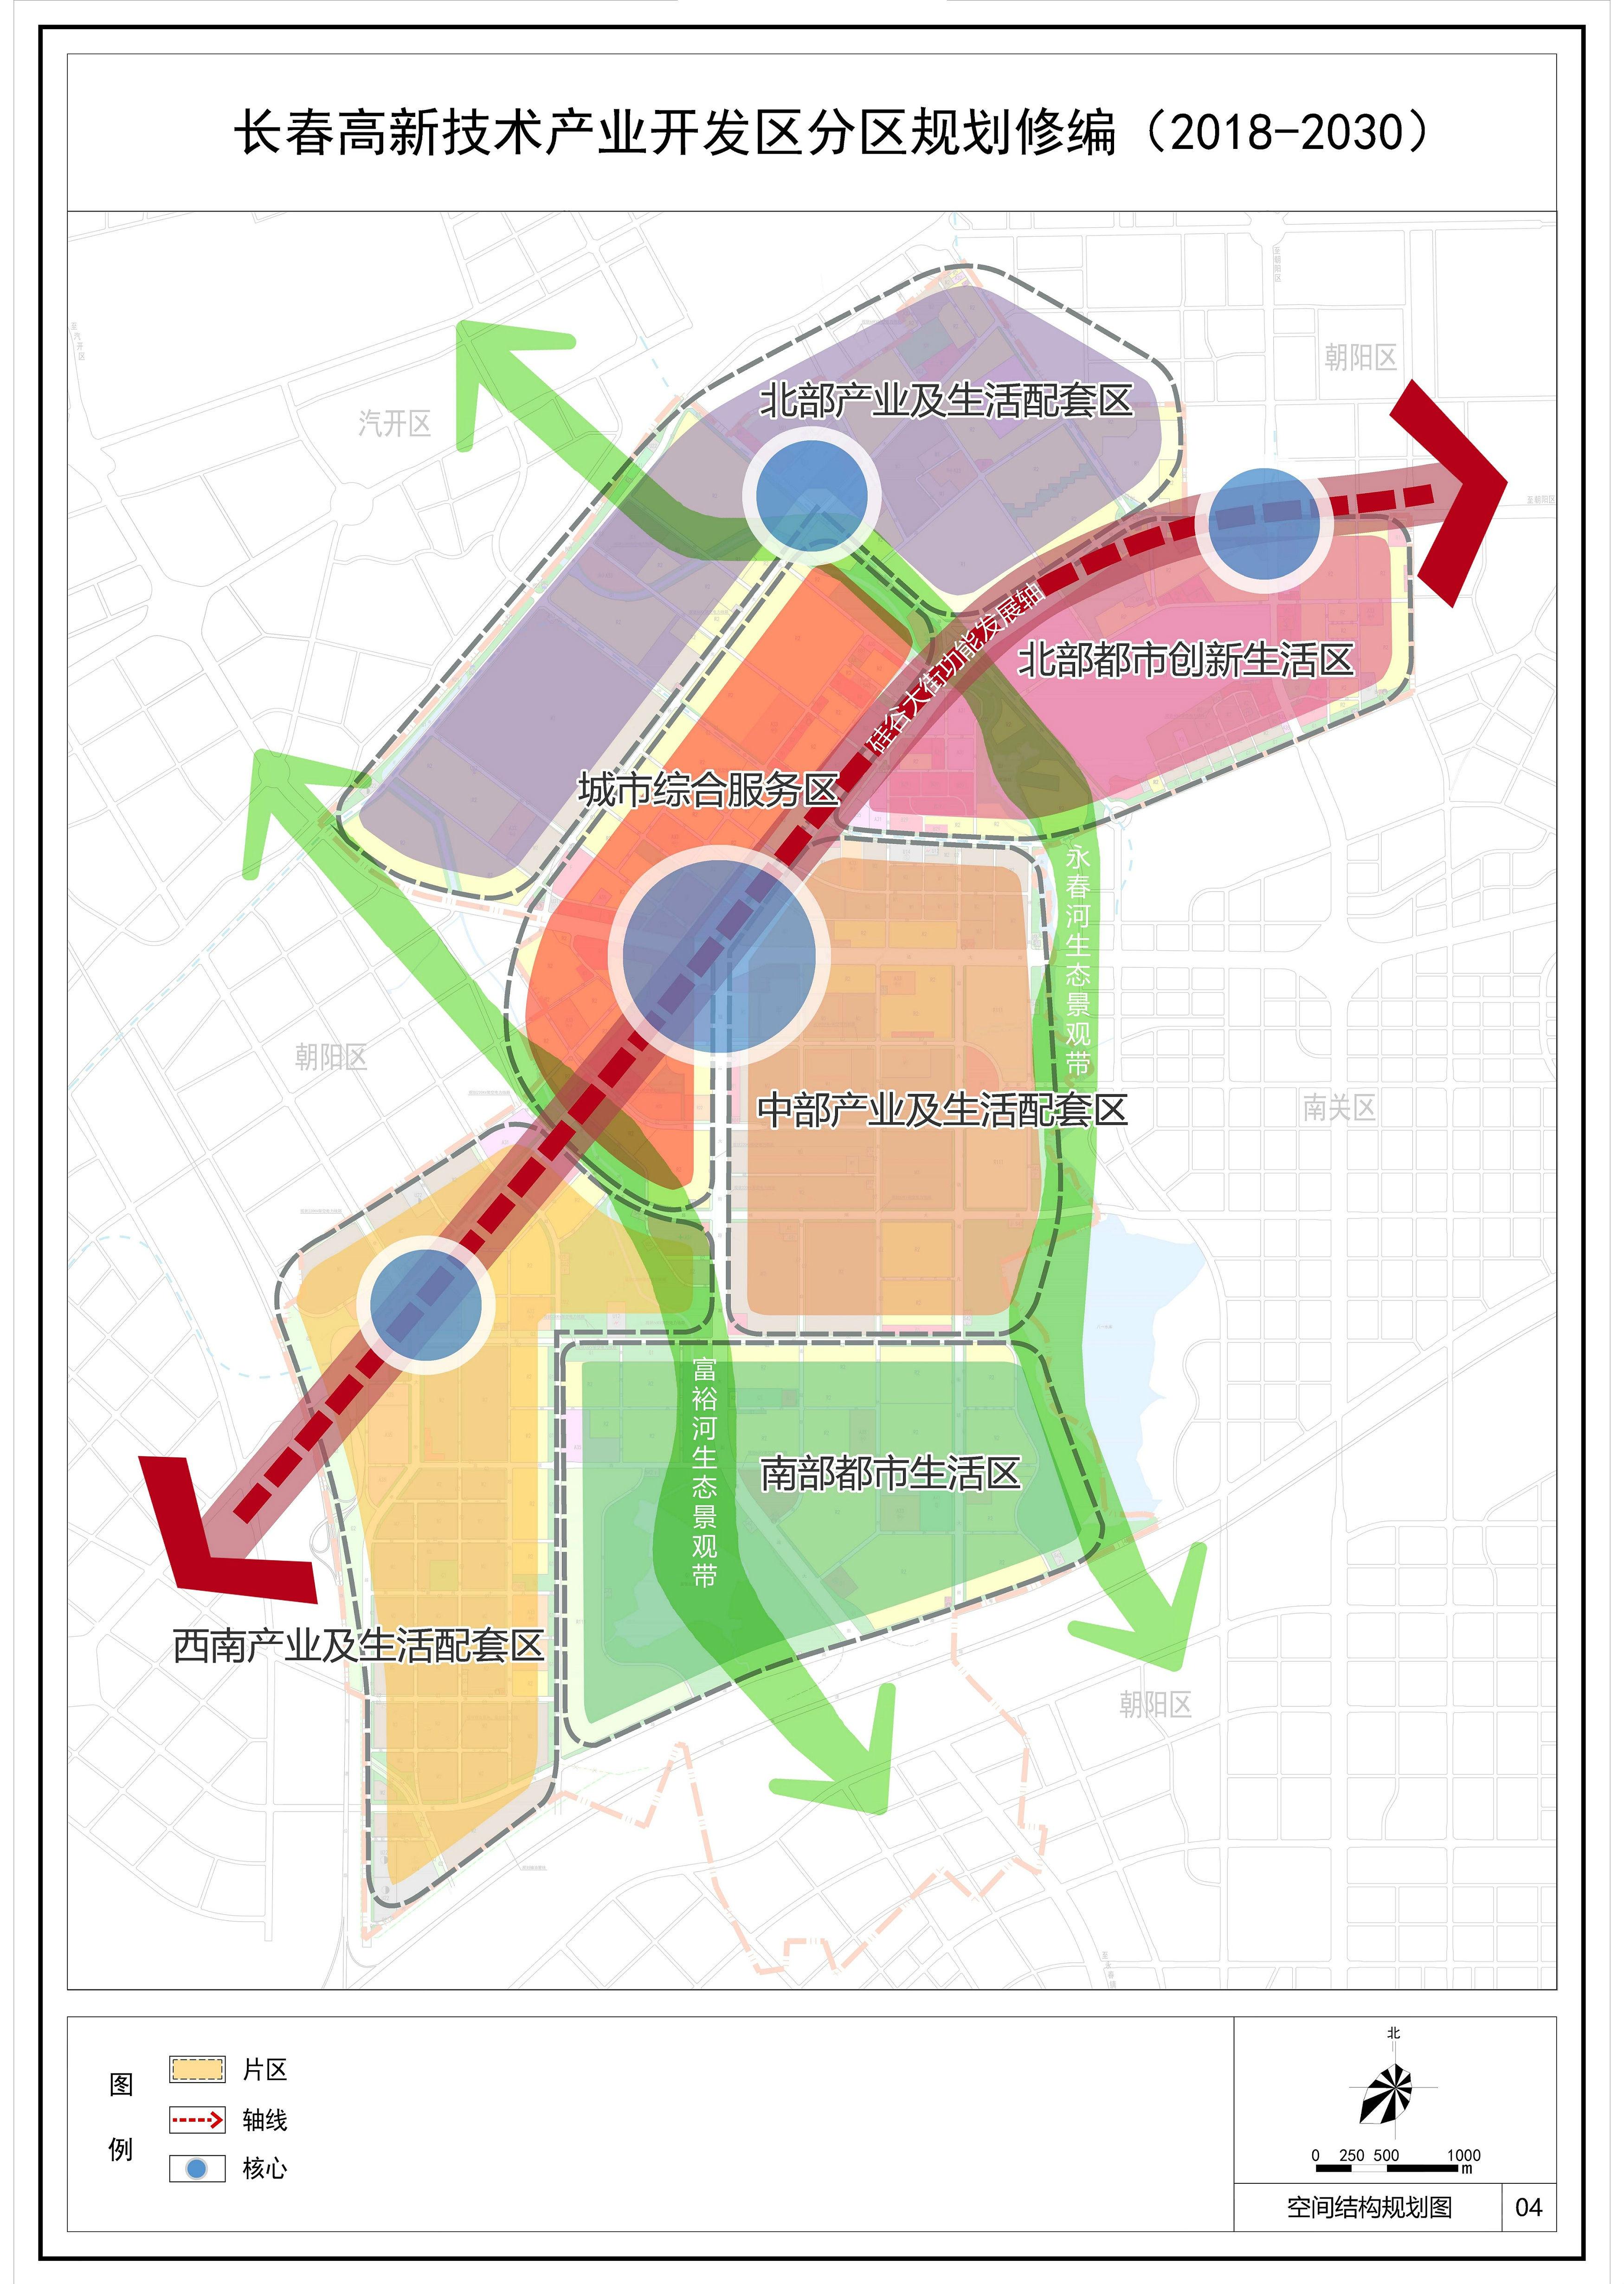 高新区最新规划出炉 将新增4所中小学